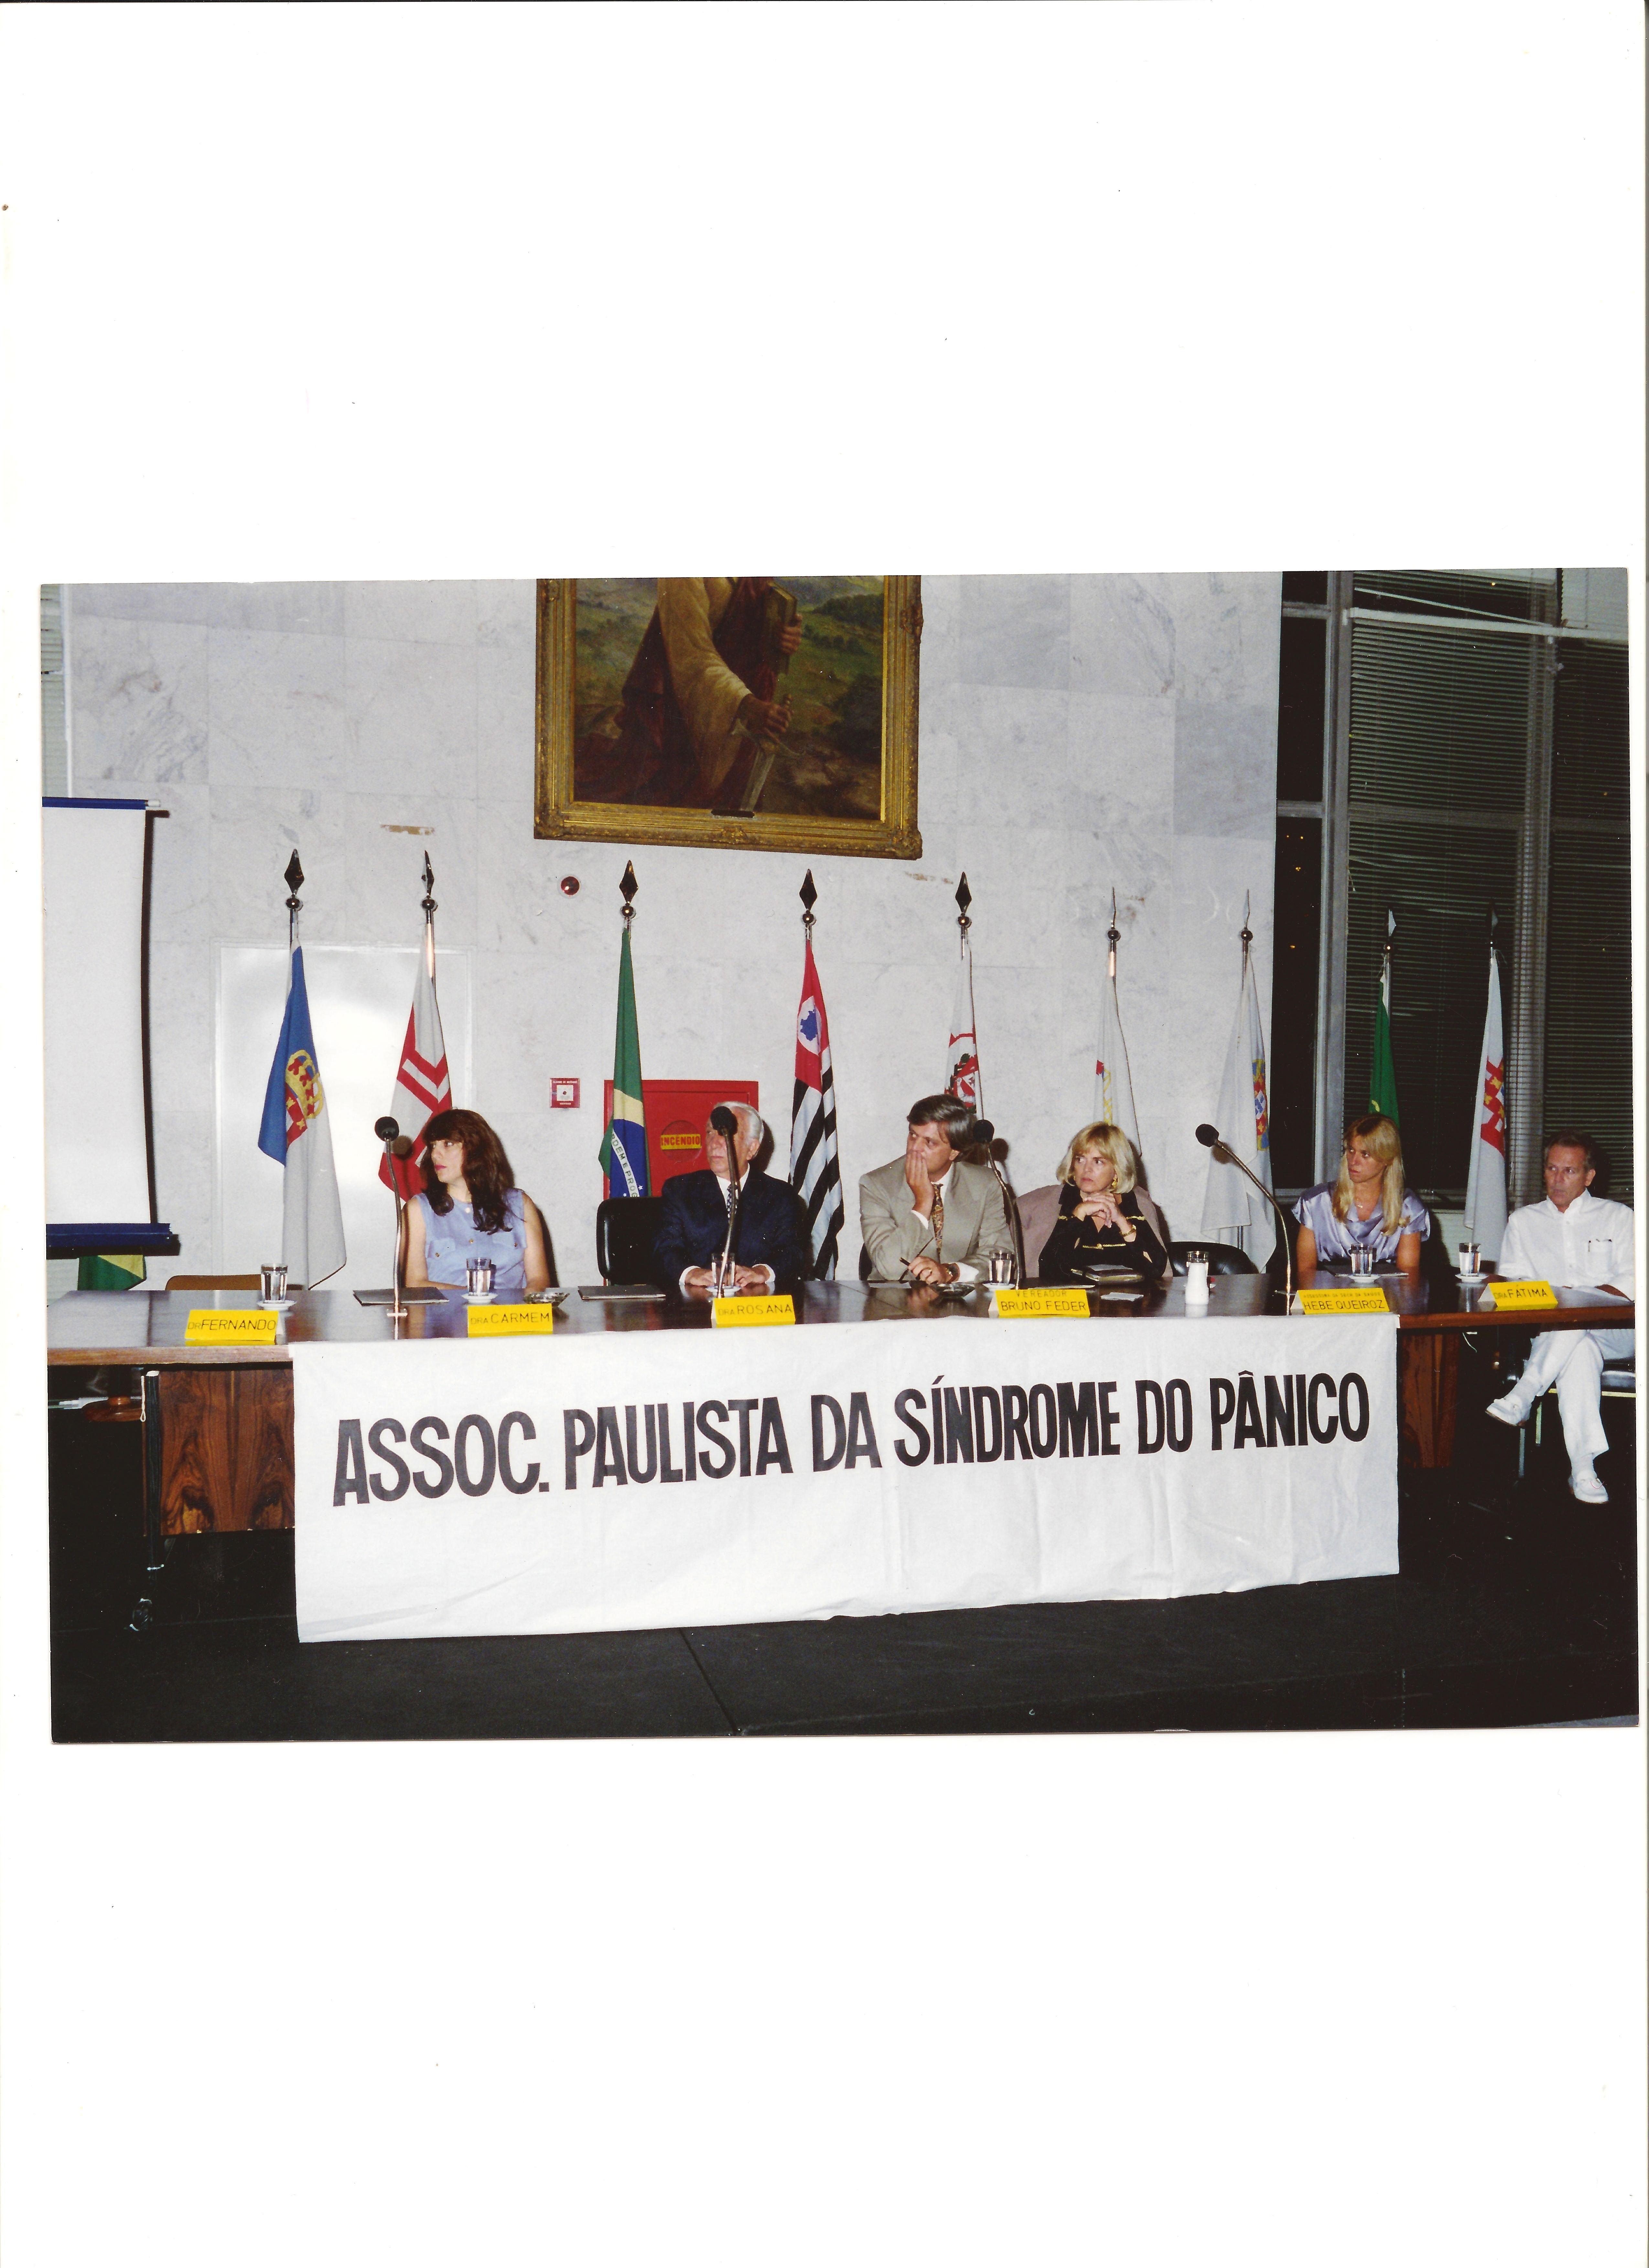 Palestra informativa sobre Síndrome do Pânico na Câmara Municipal